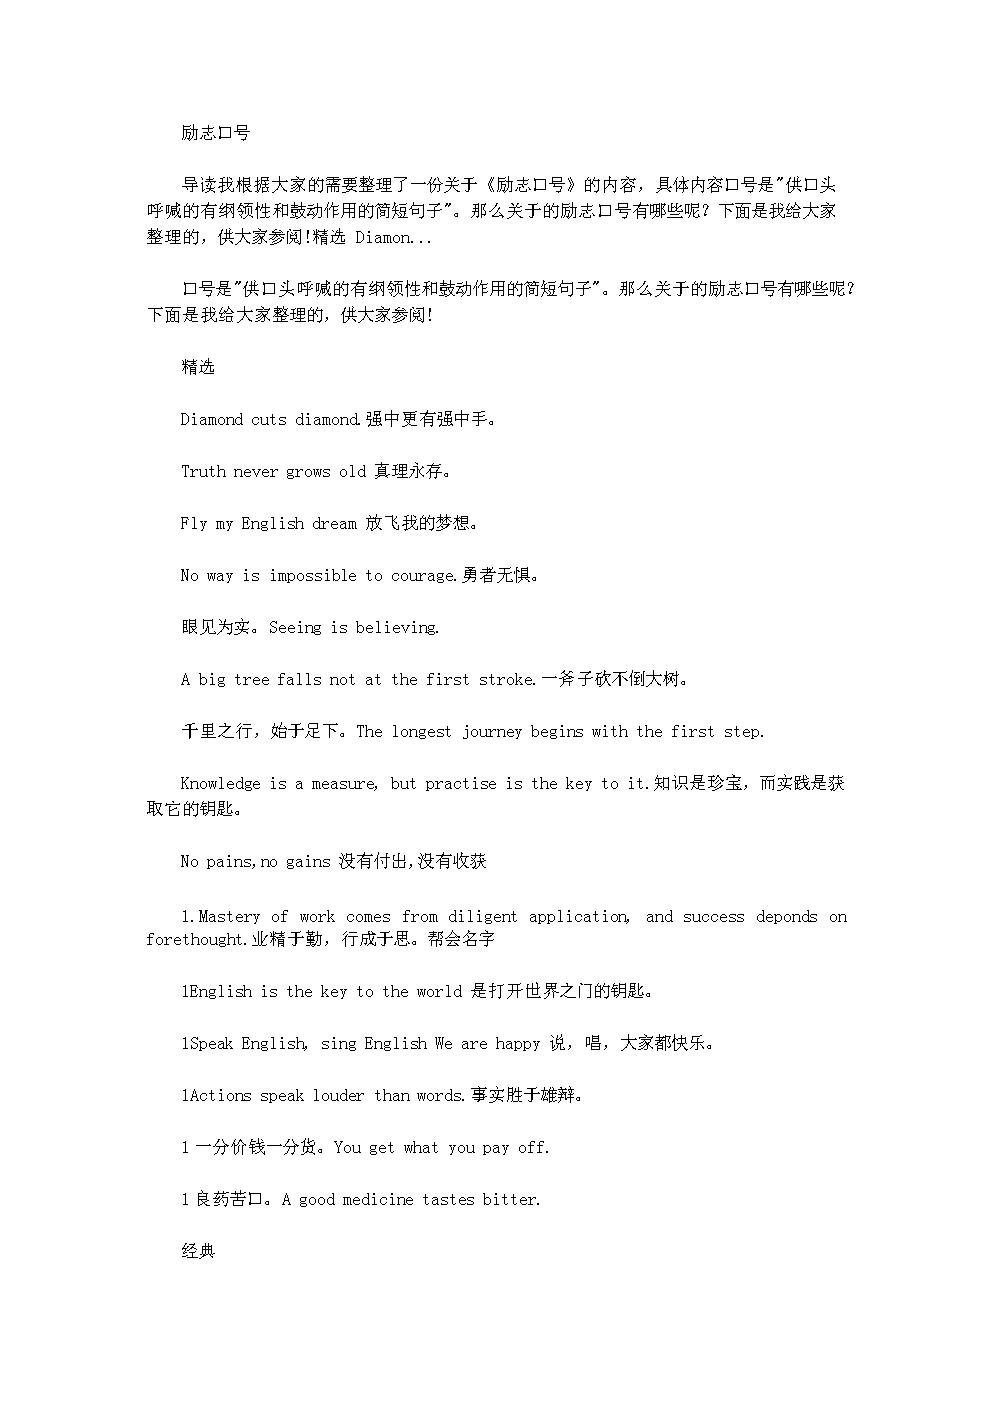 励志英语口号.doc